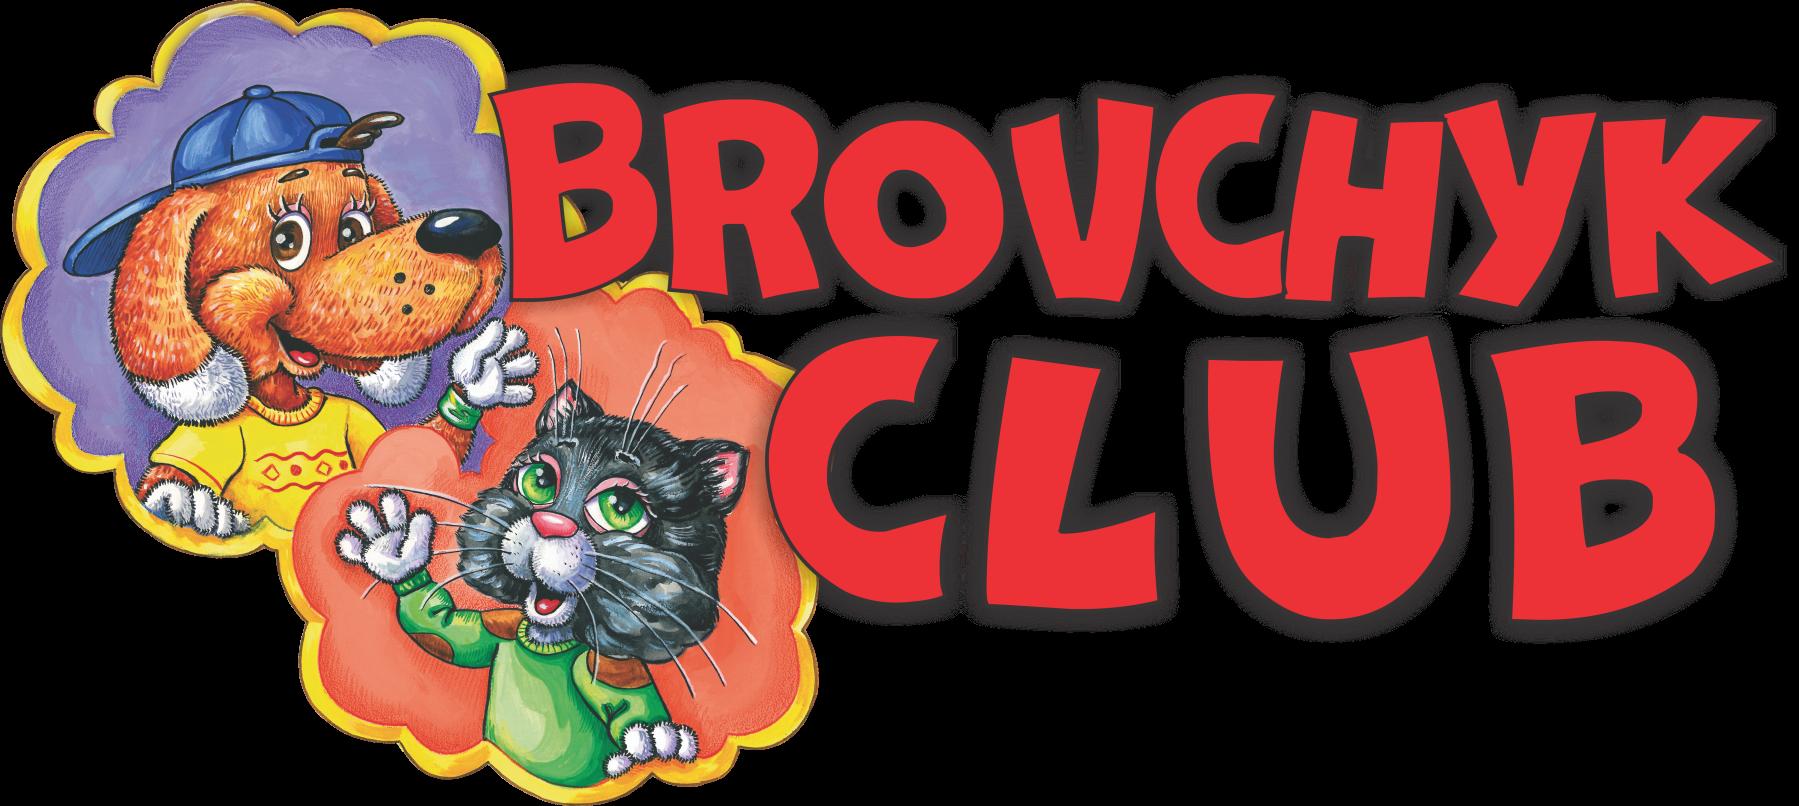 Brovchyk Club